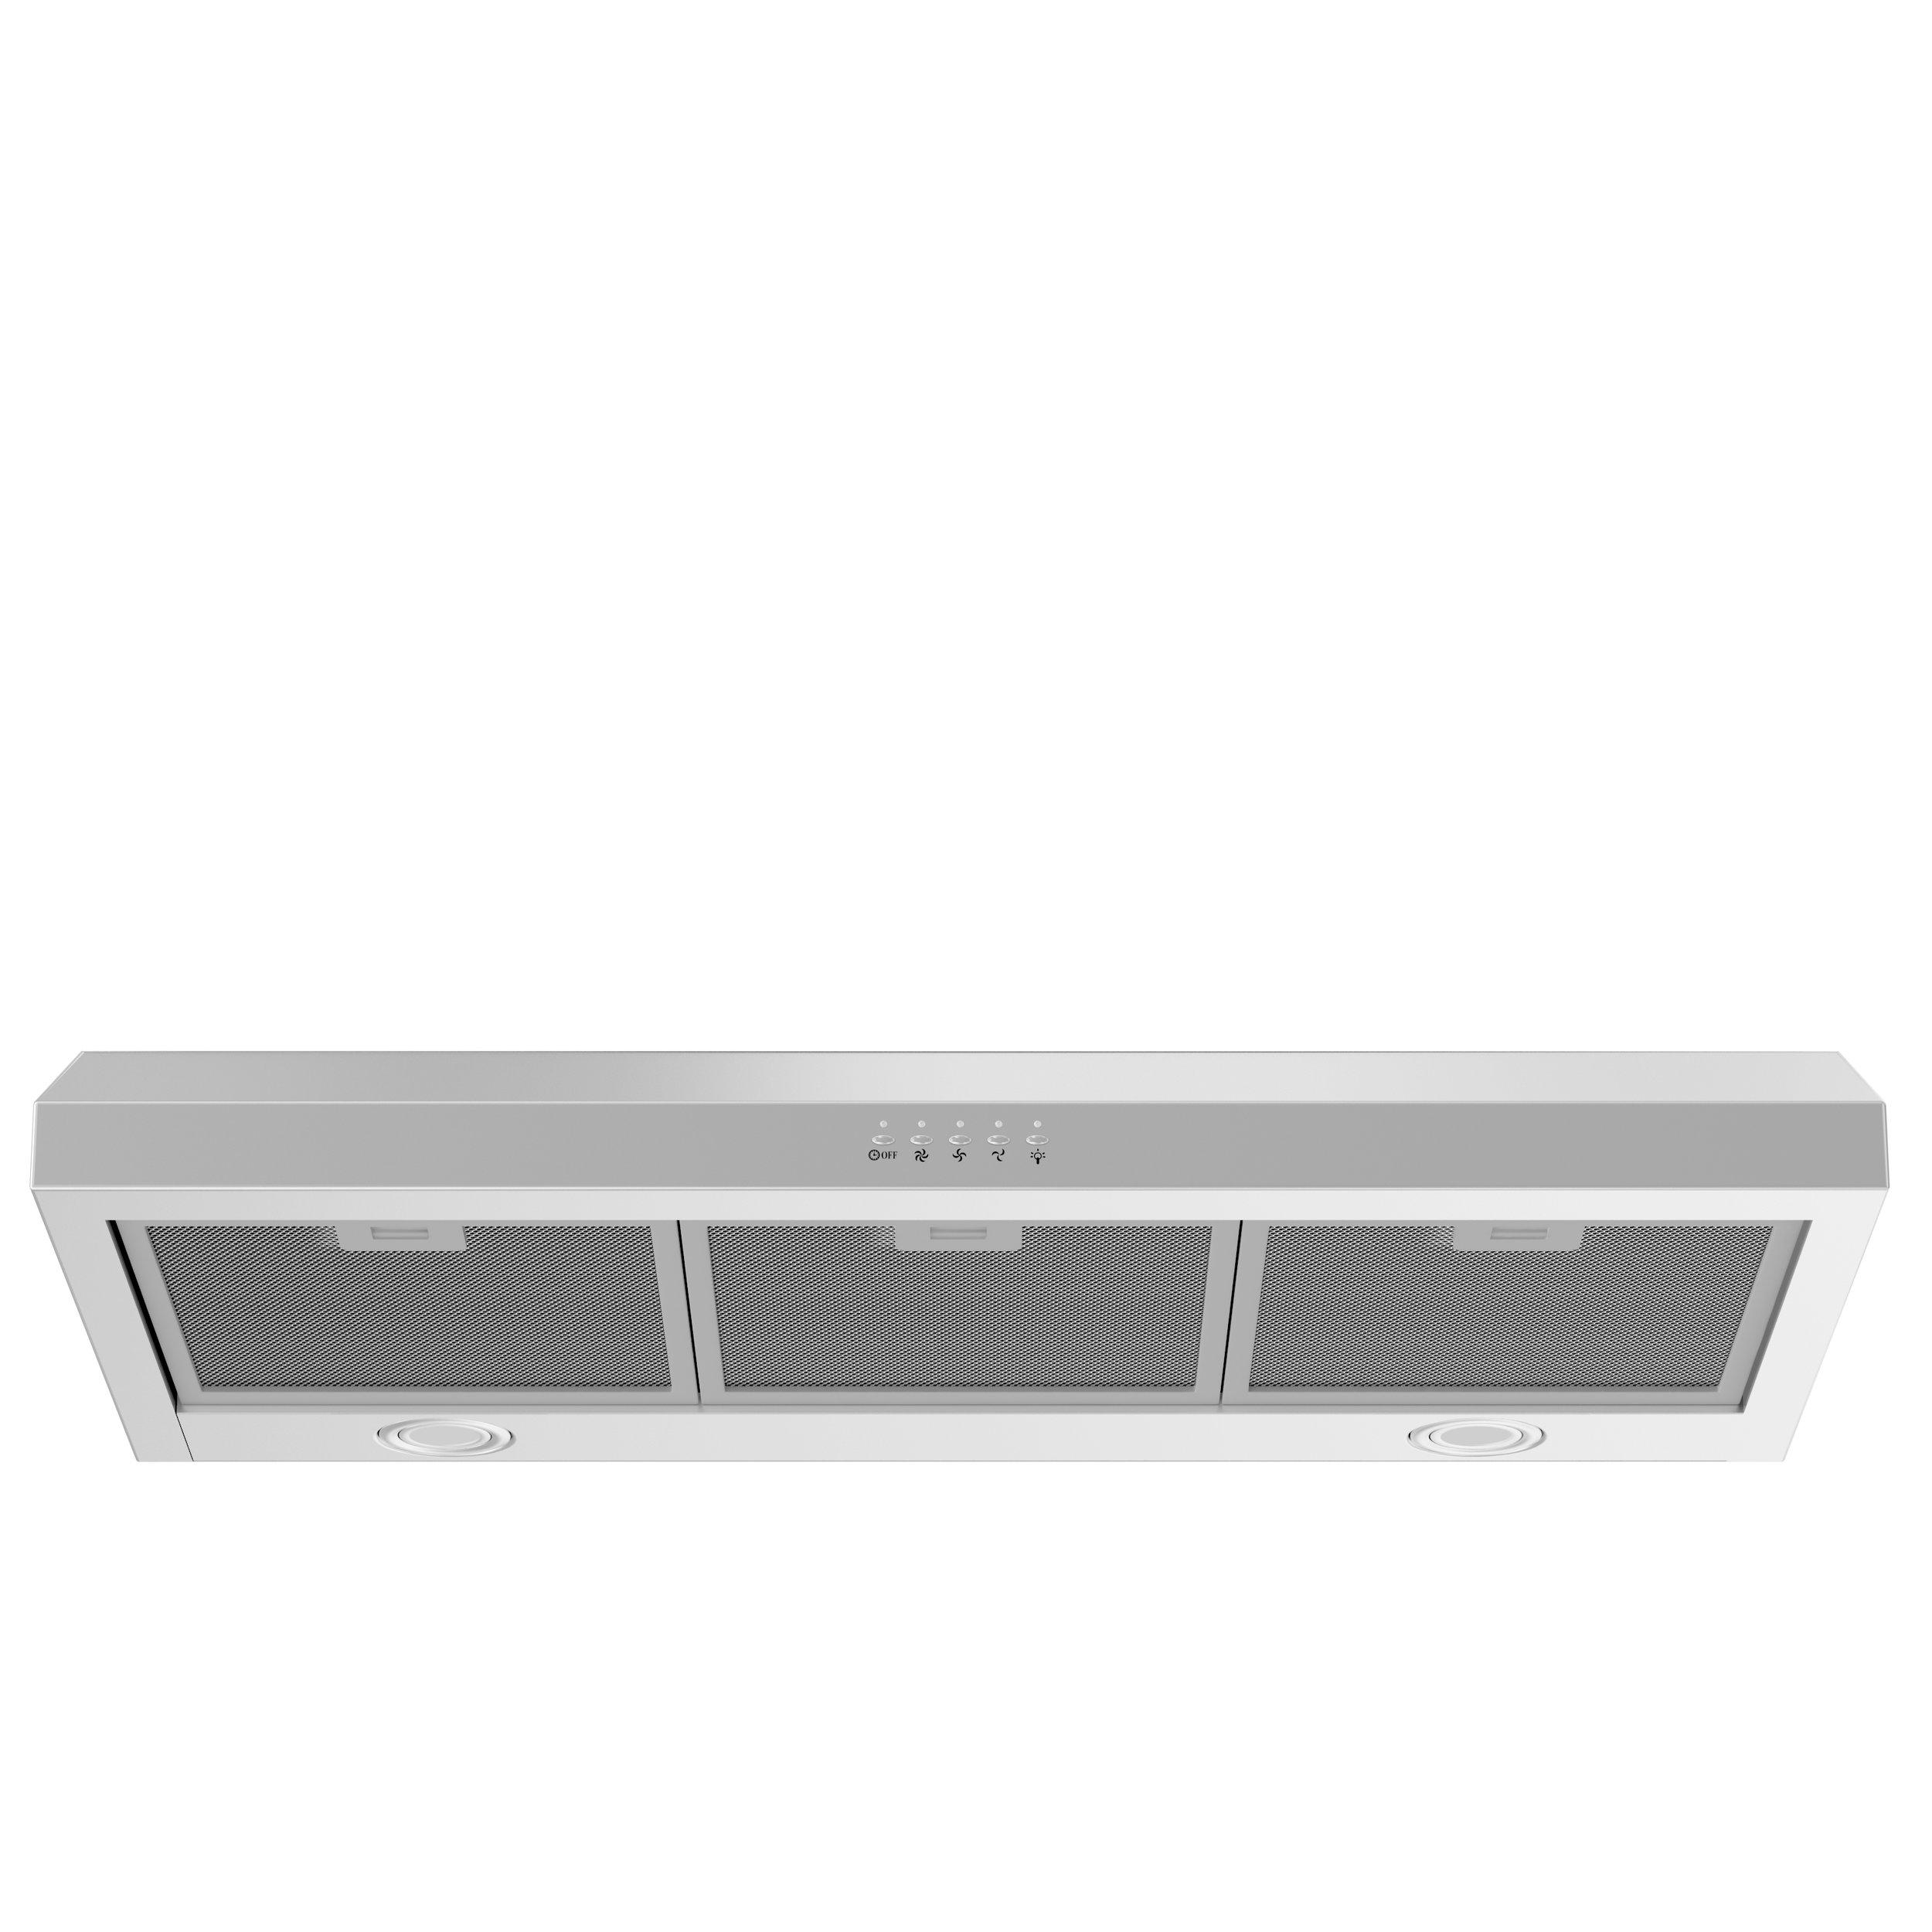 zline-stainless-steel-under-cabinet-range-hood-615-underneath.jpeg